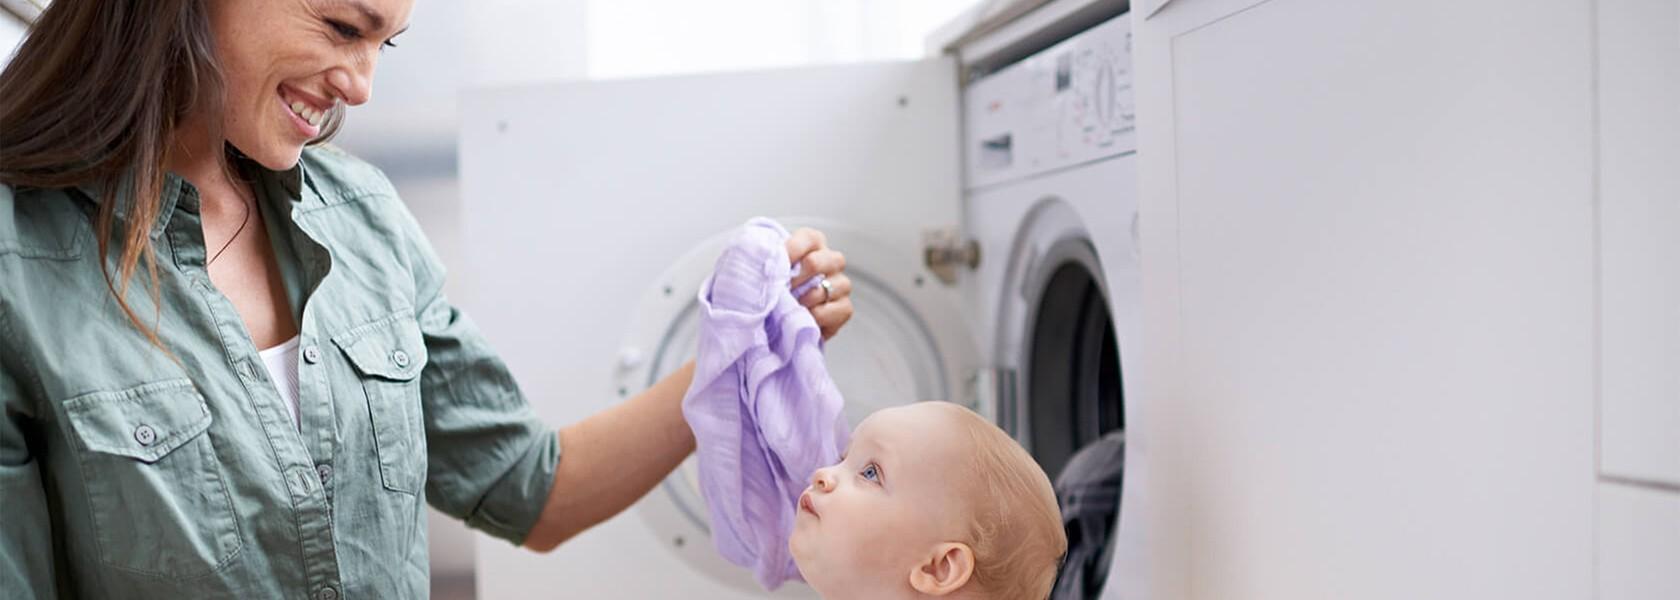 Eine Mutter schaut lachend und liebevoll ihr Baby an, während sie Wäsche aus der Waschmaschine rausholt.